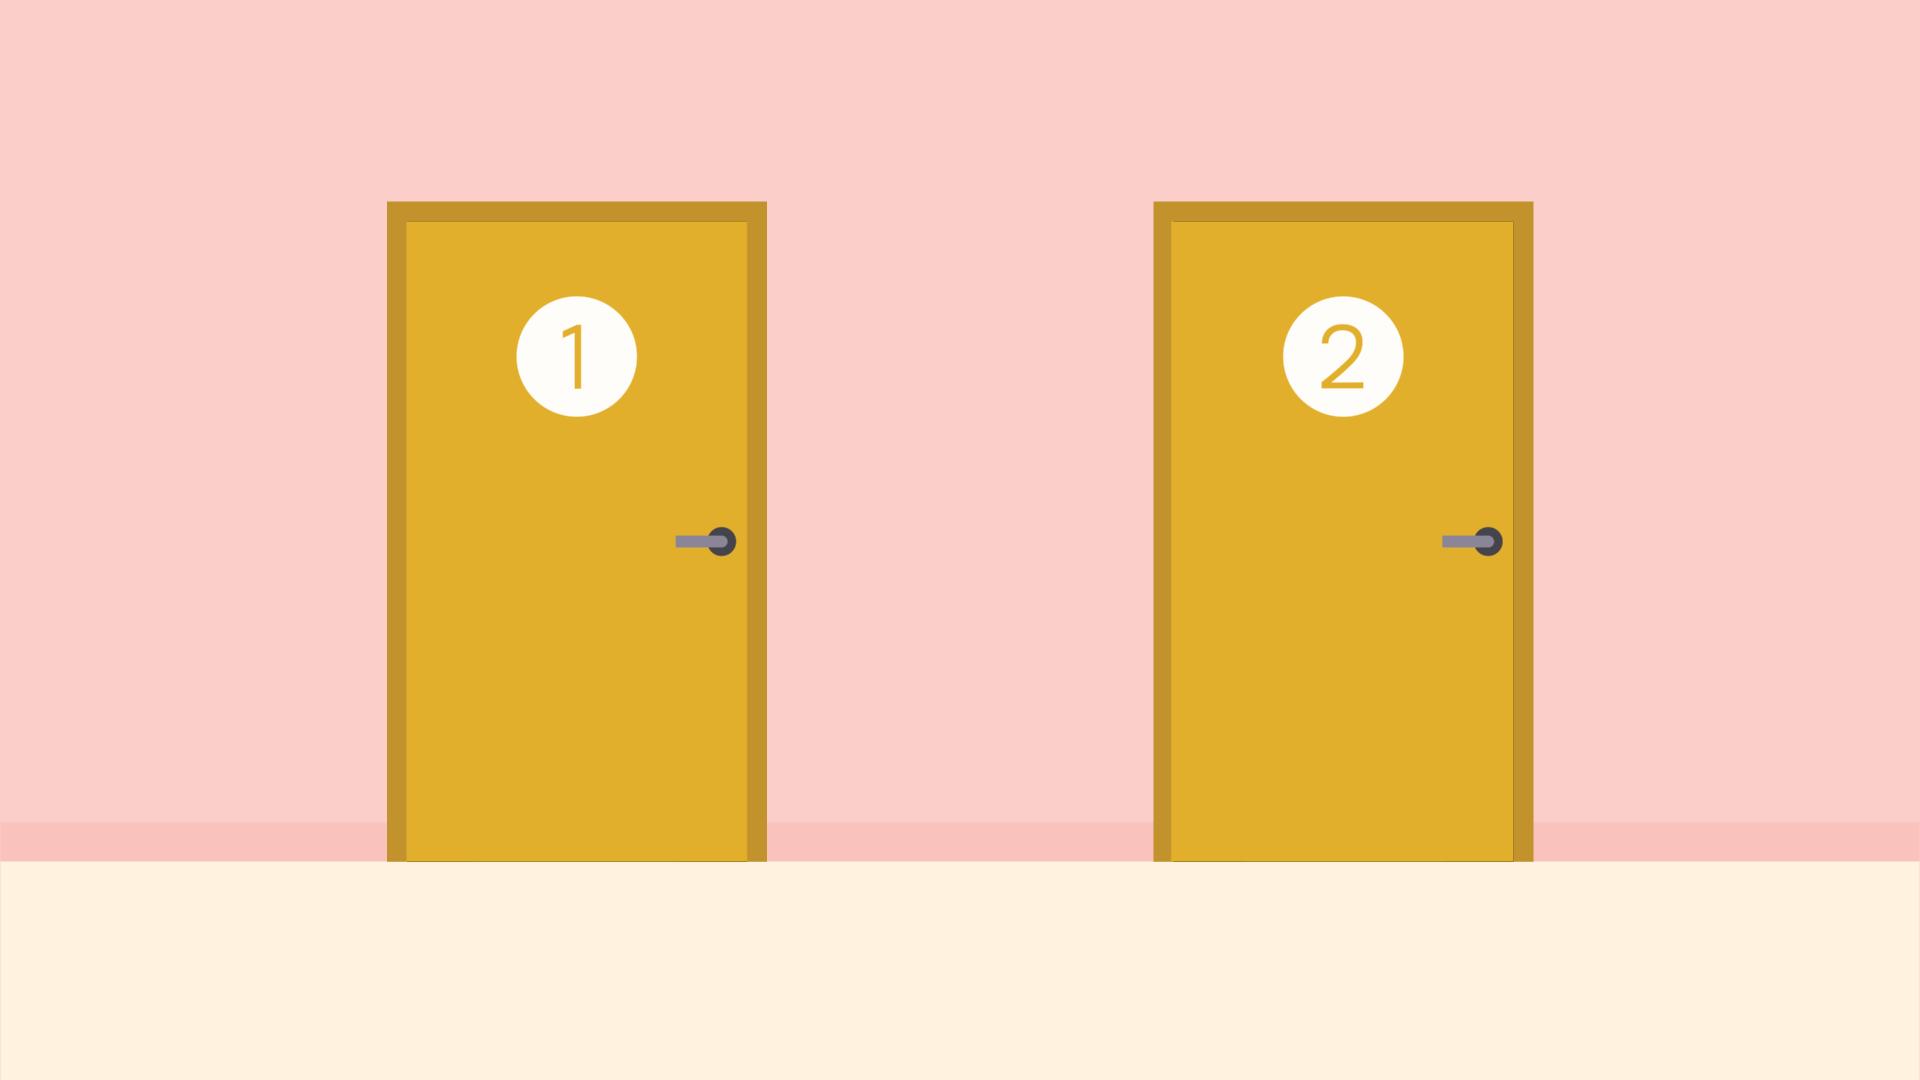 door 1 and door 2